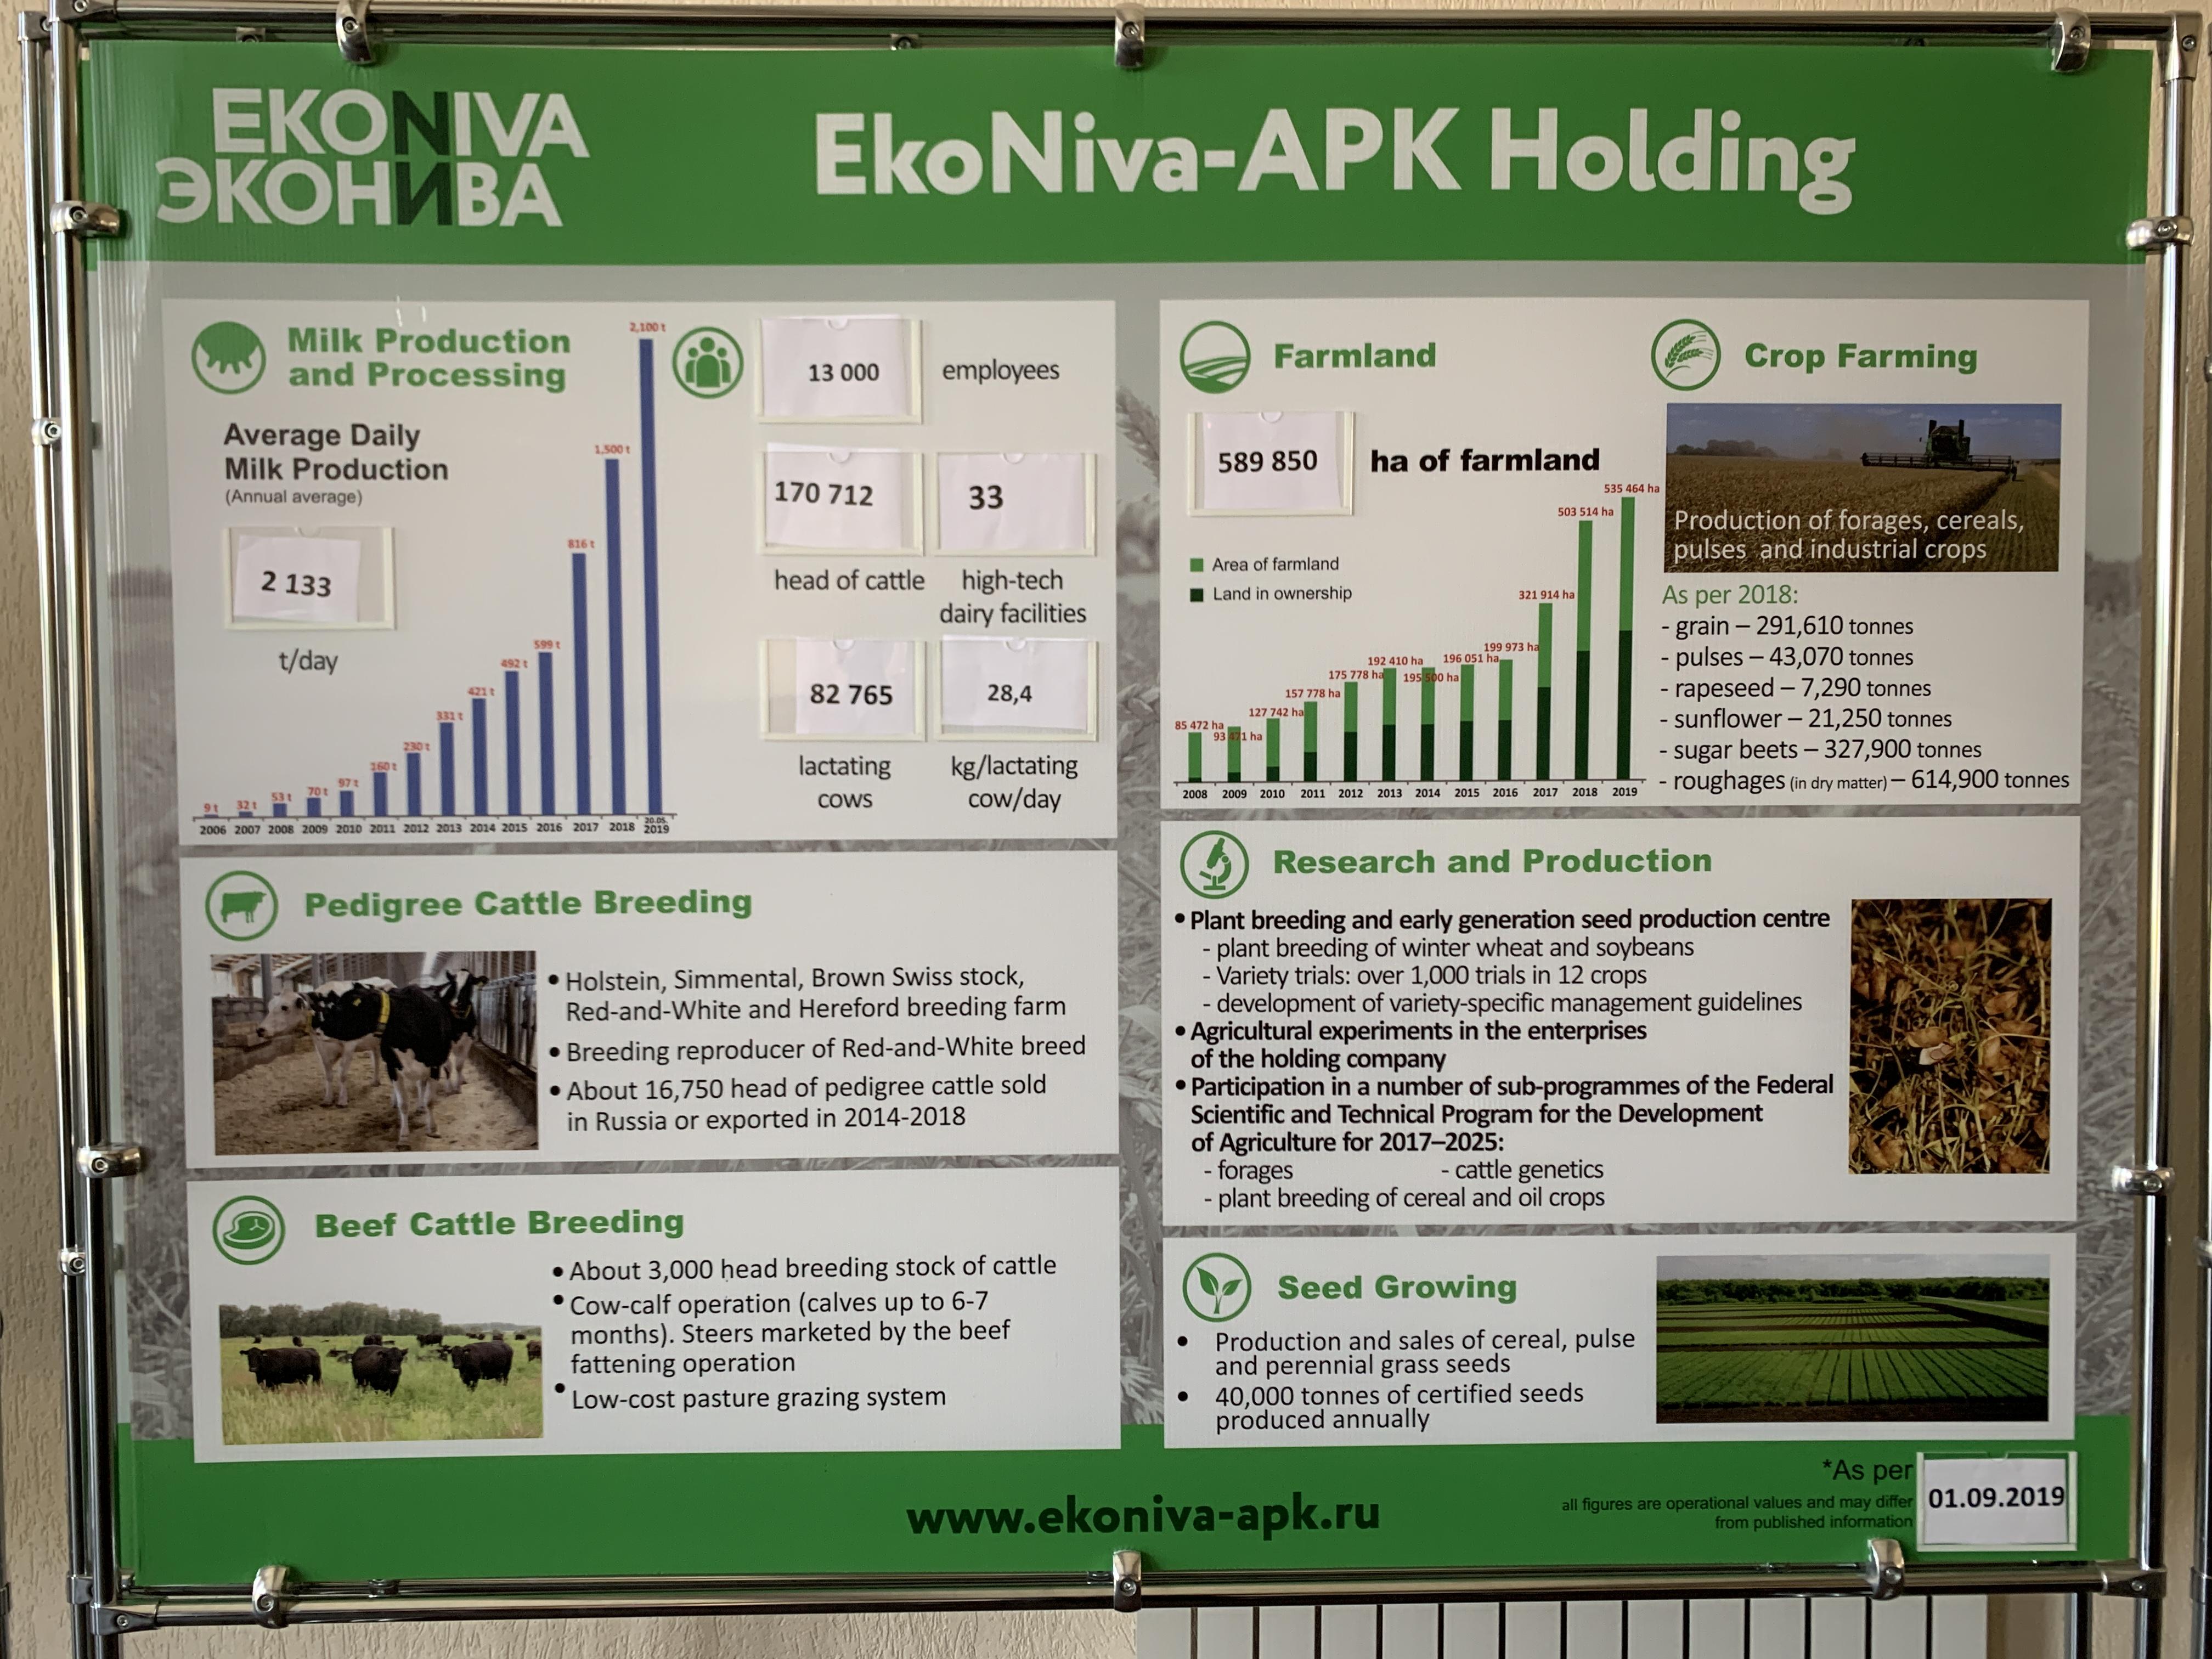 File:EkoNiva-APK Holding.JPG